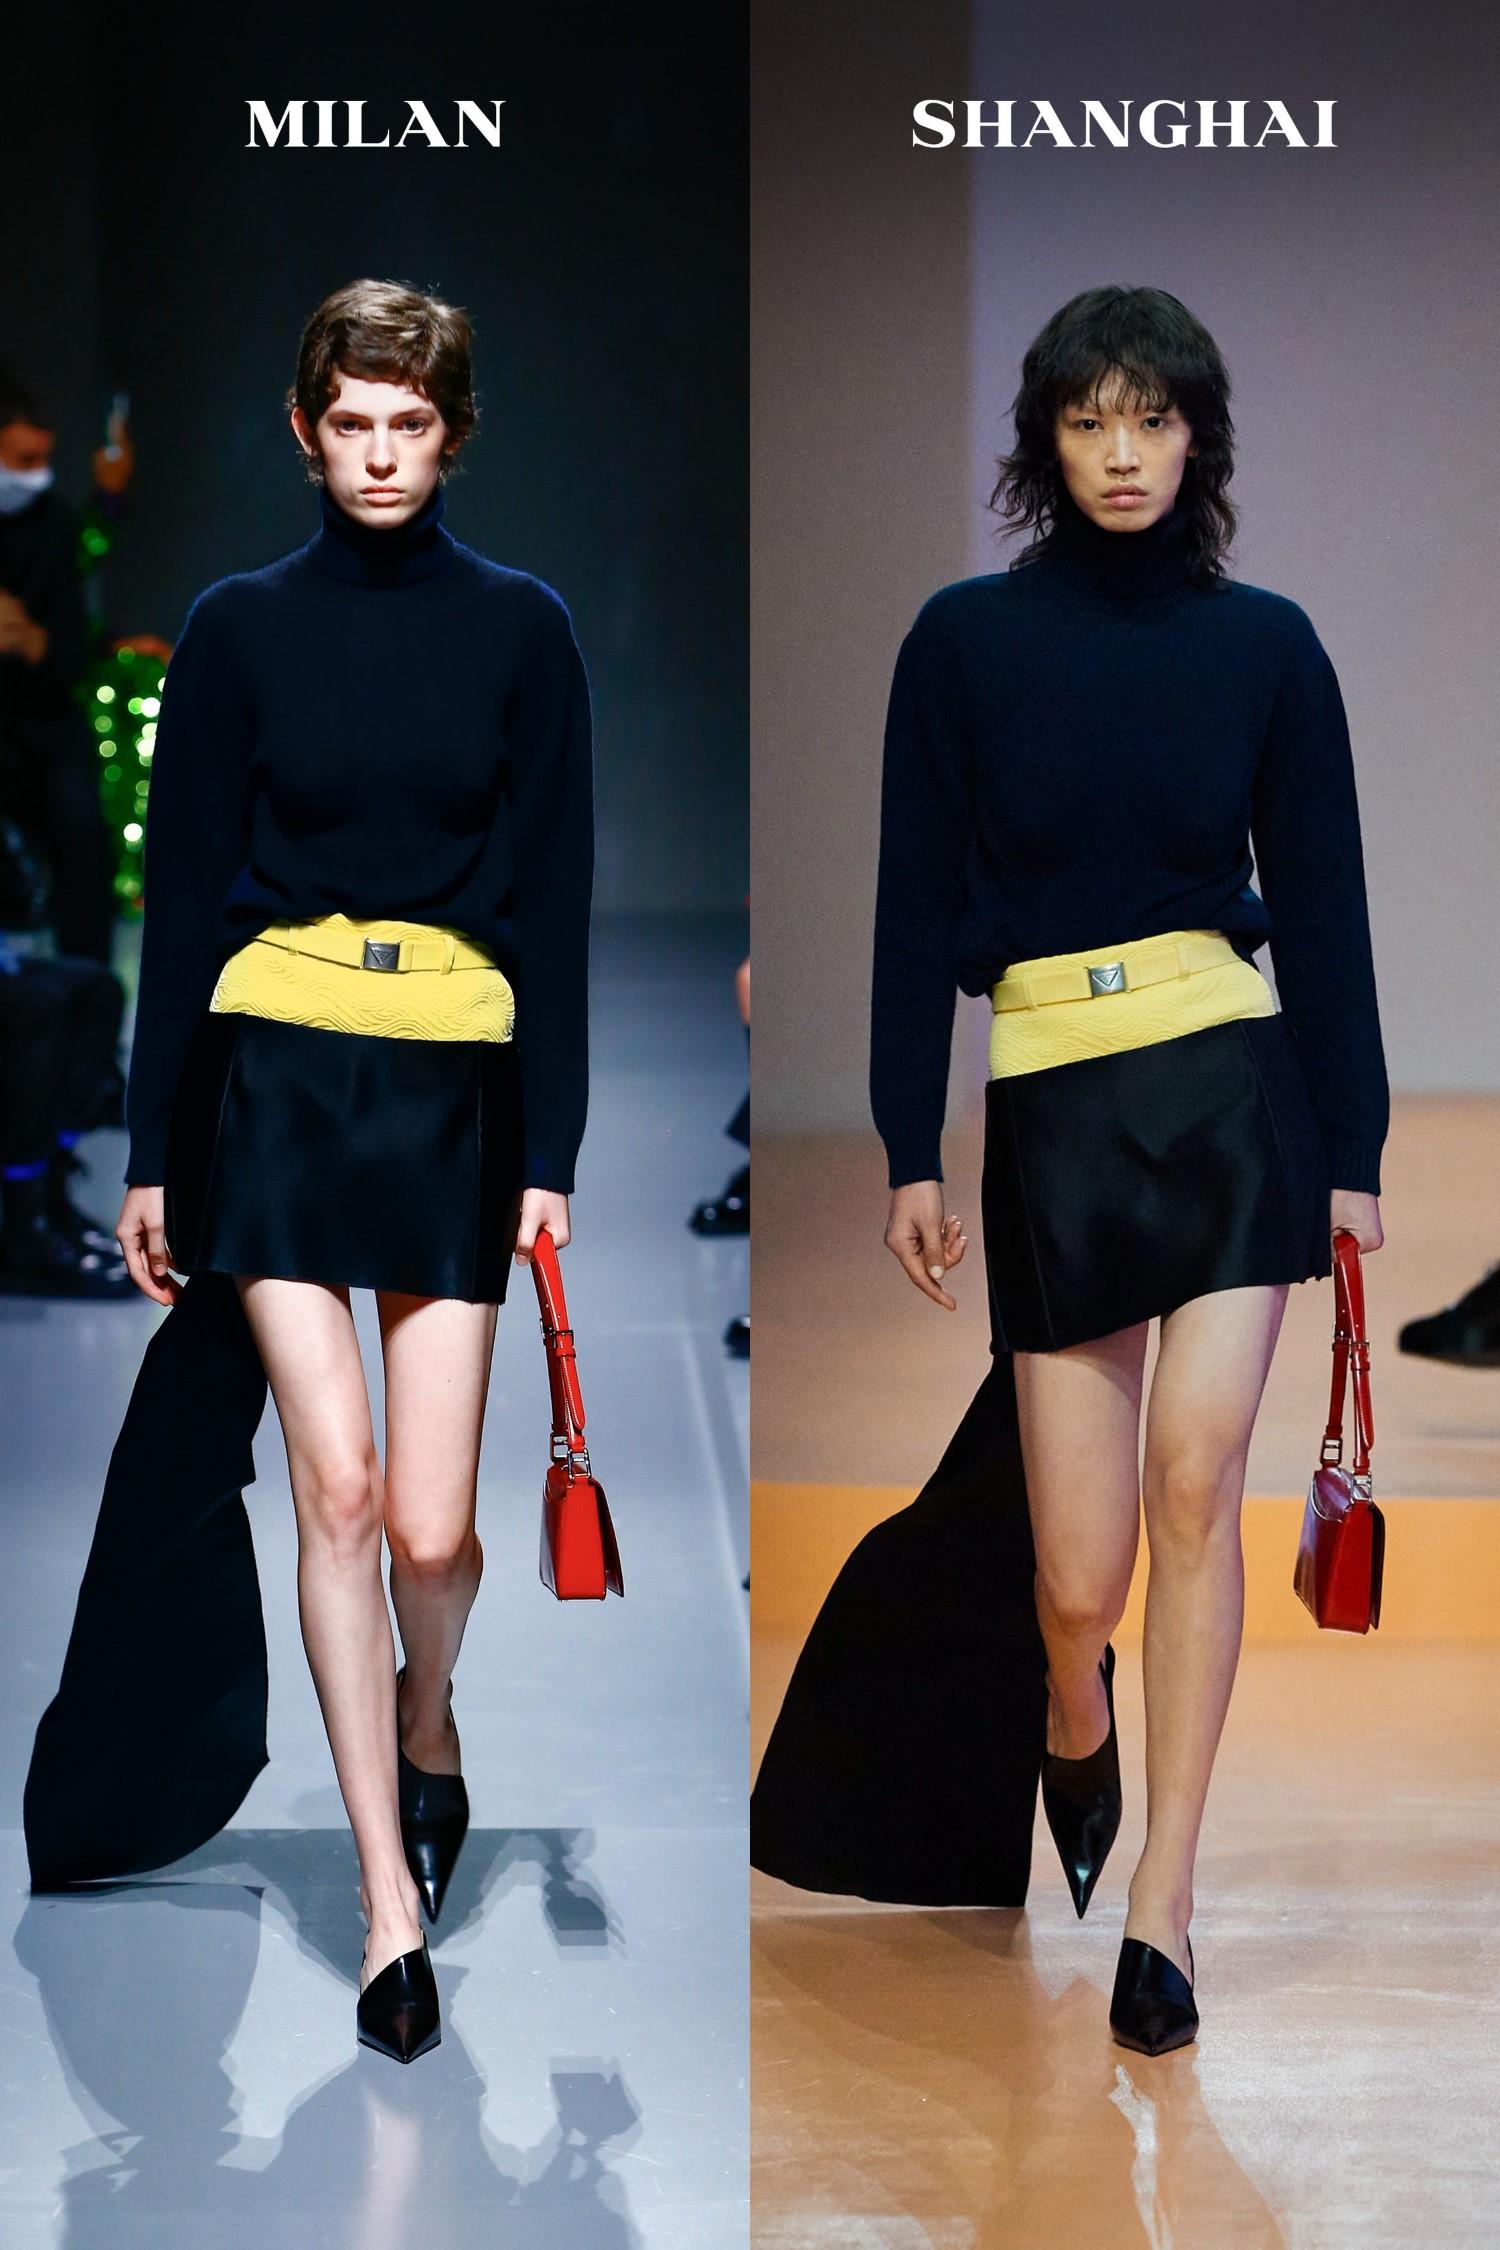 Prada Spring Summer 2022 - Milan Fashion Week